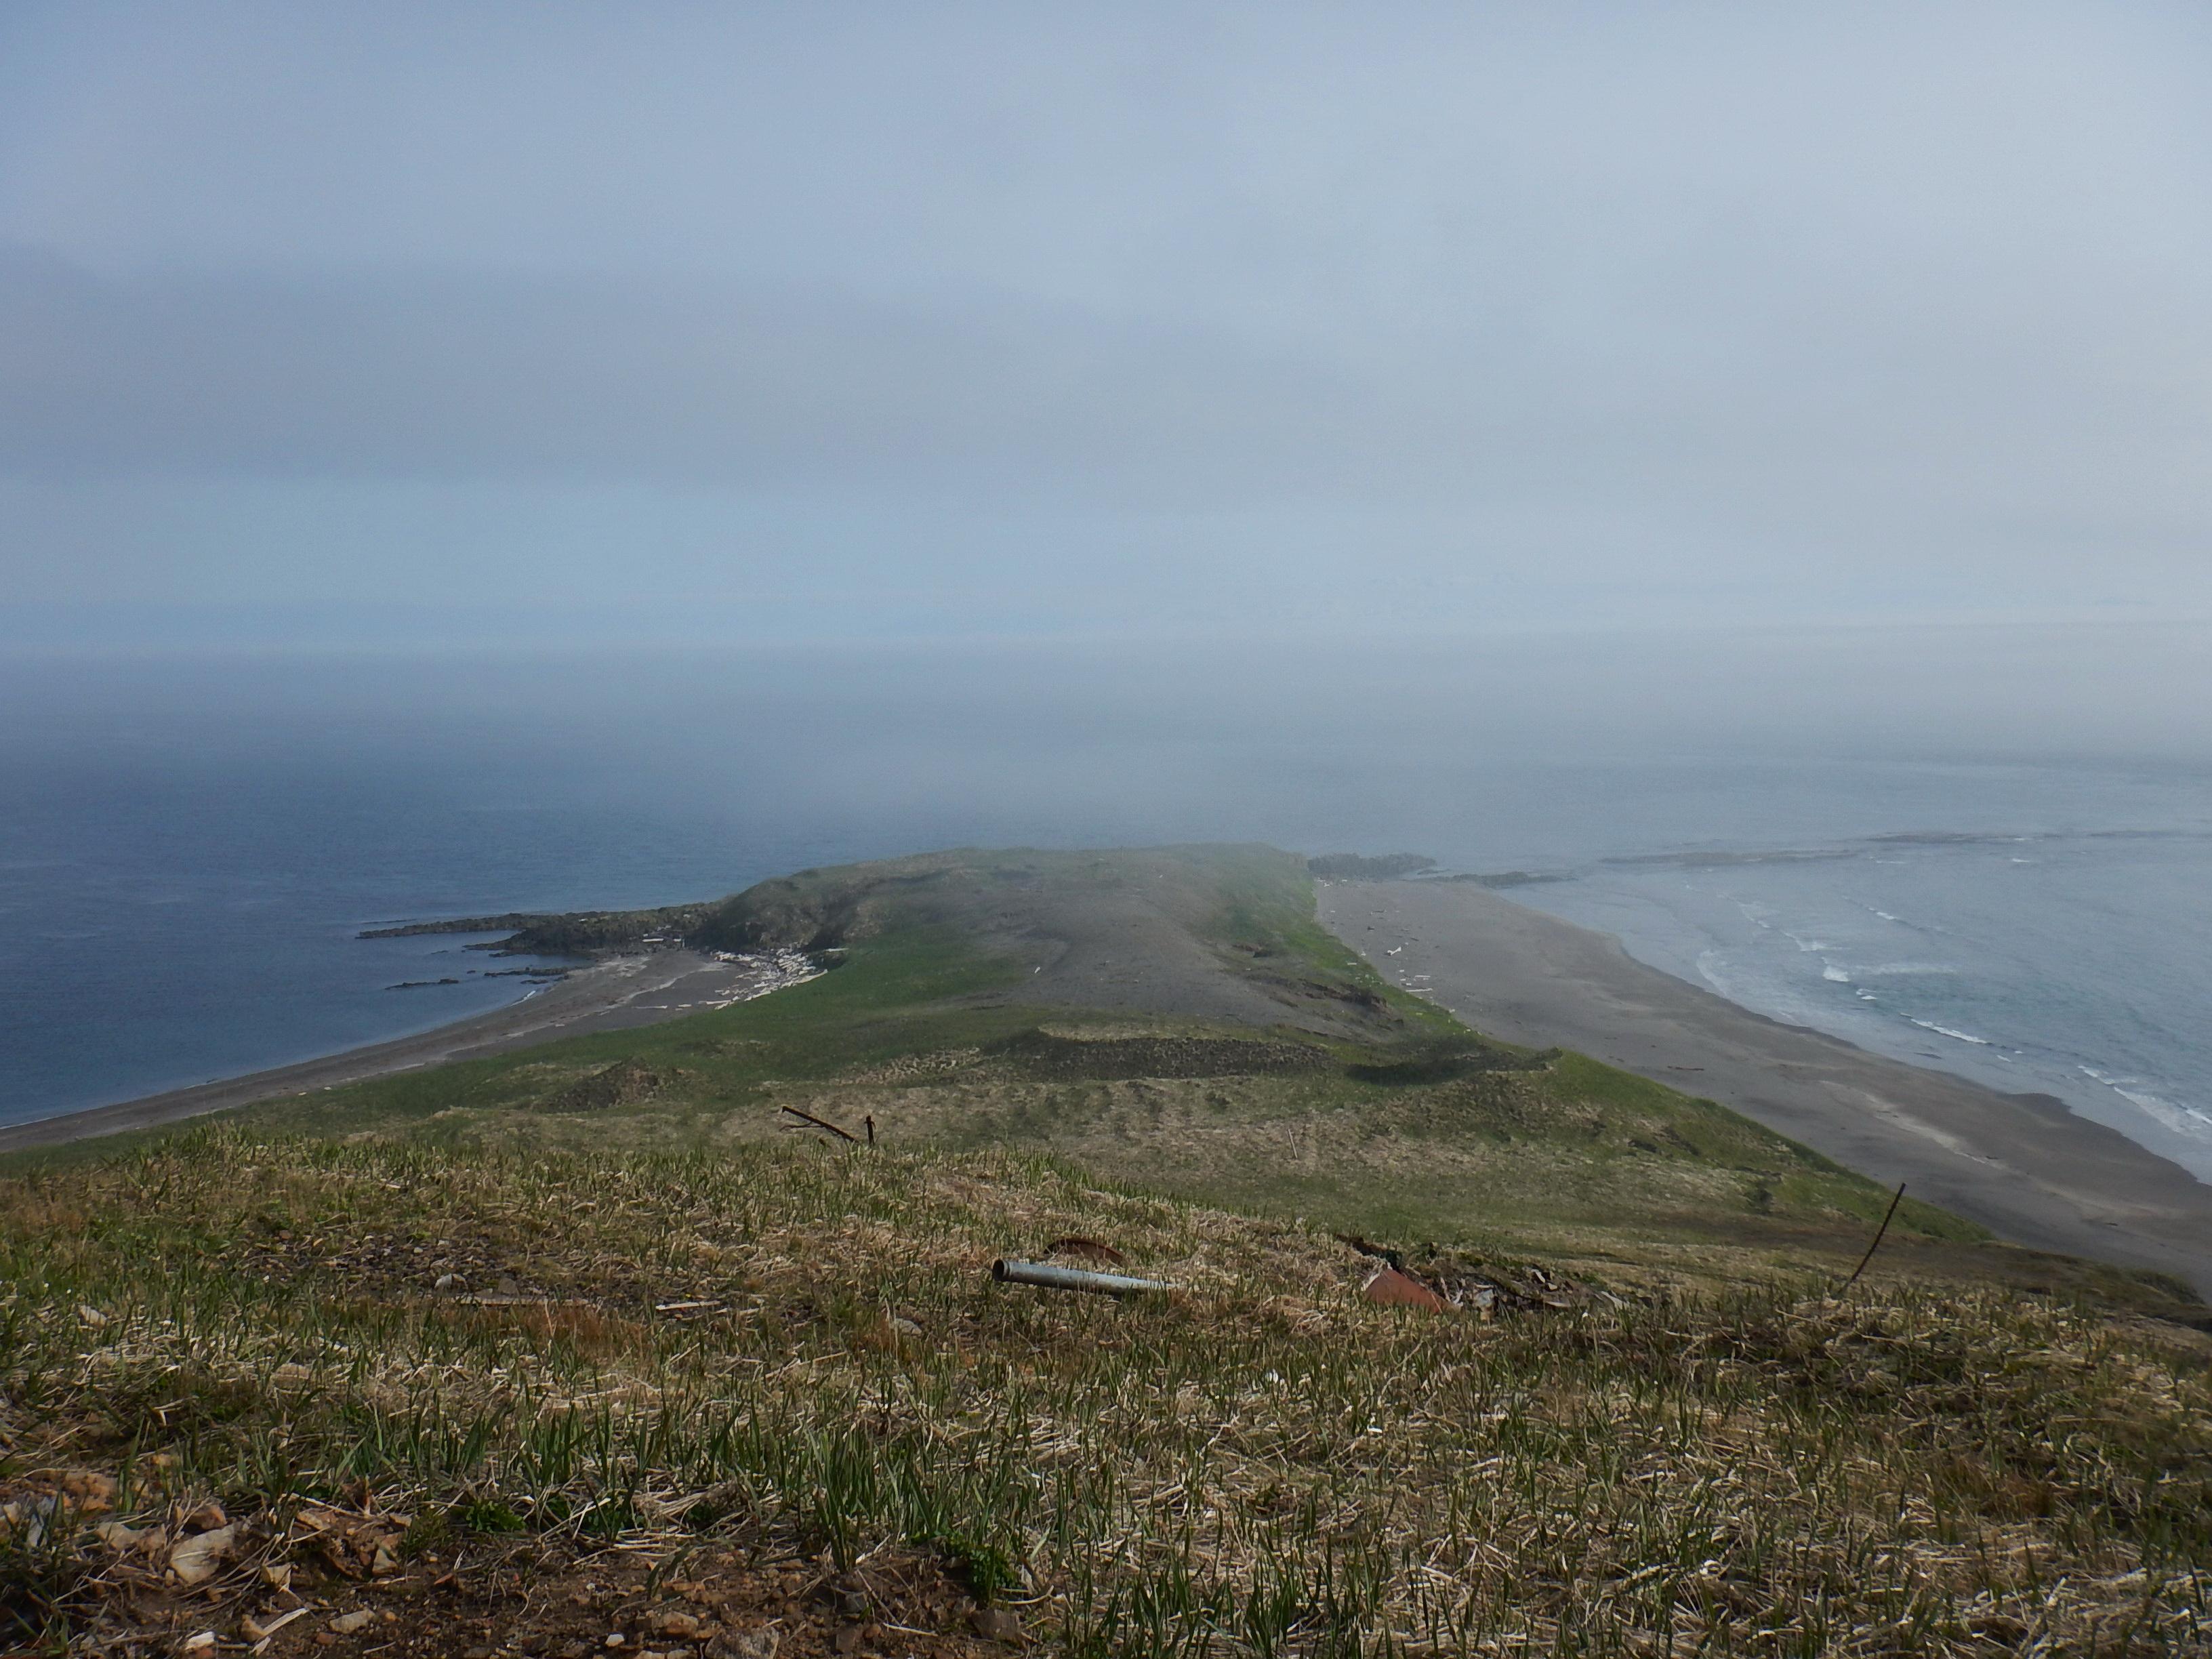 Курилы, остров Шумшу, северный мыс